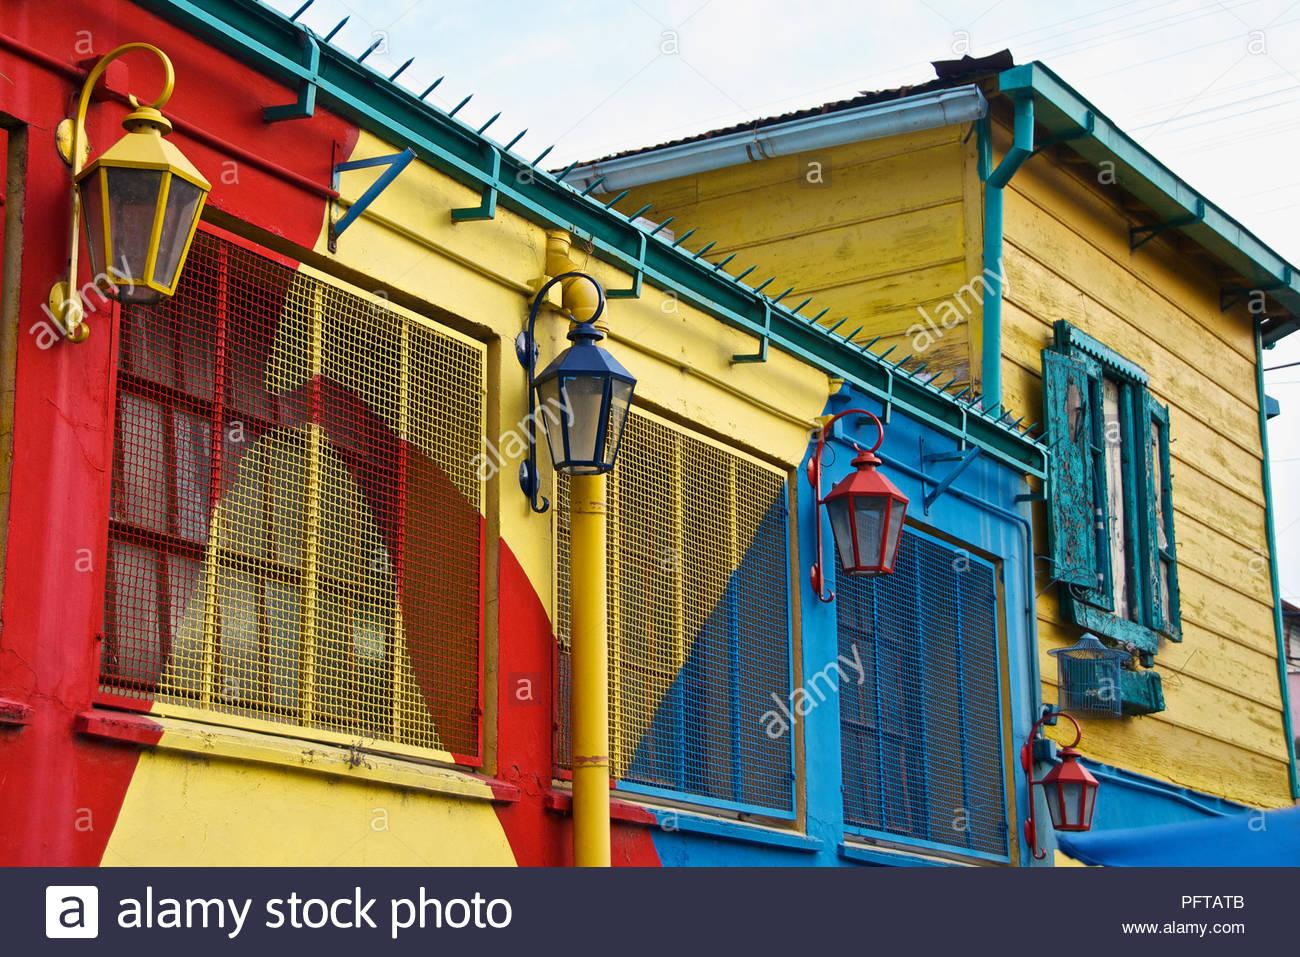 Südamerika, bunt bemalte Gebäude mit Straßenlaternen, La Boca, Buenos Aires, Argentinien Stockbild